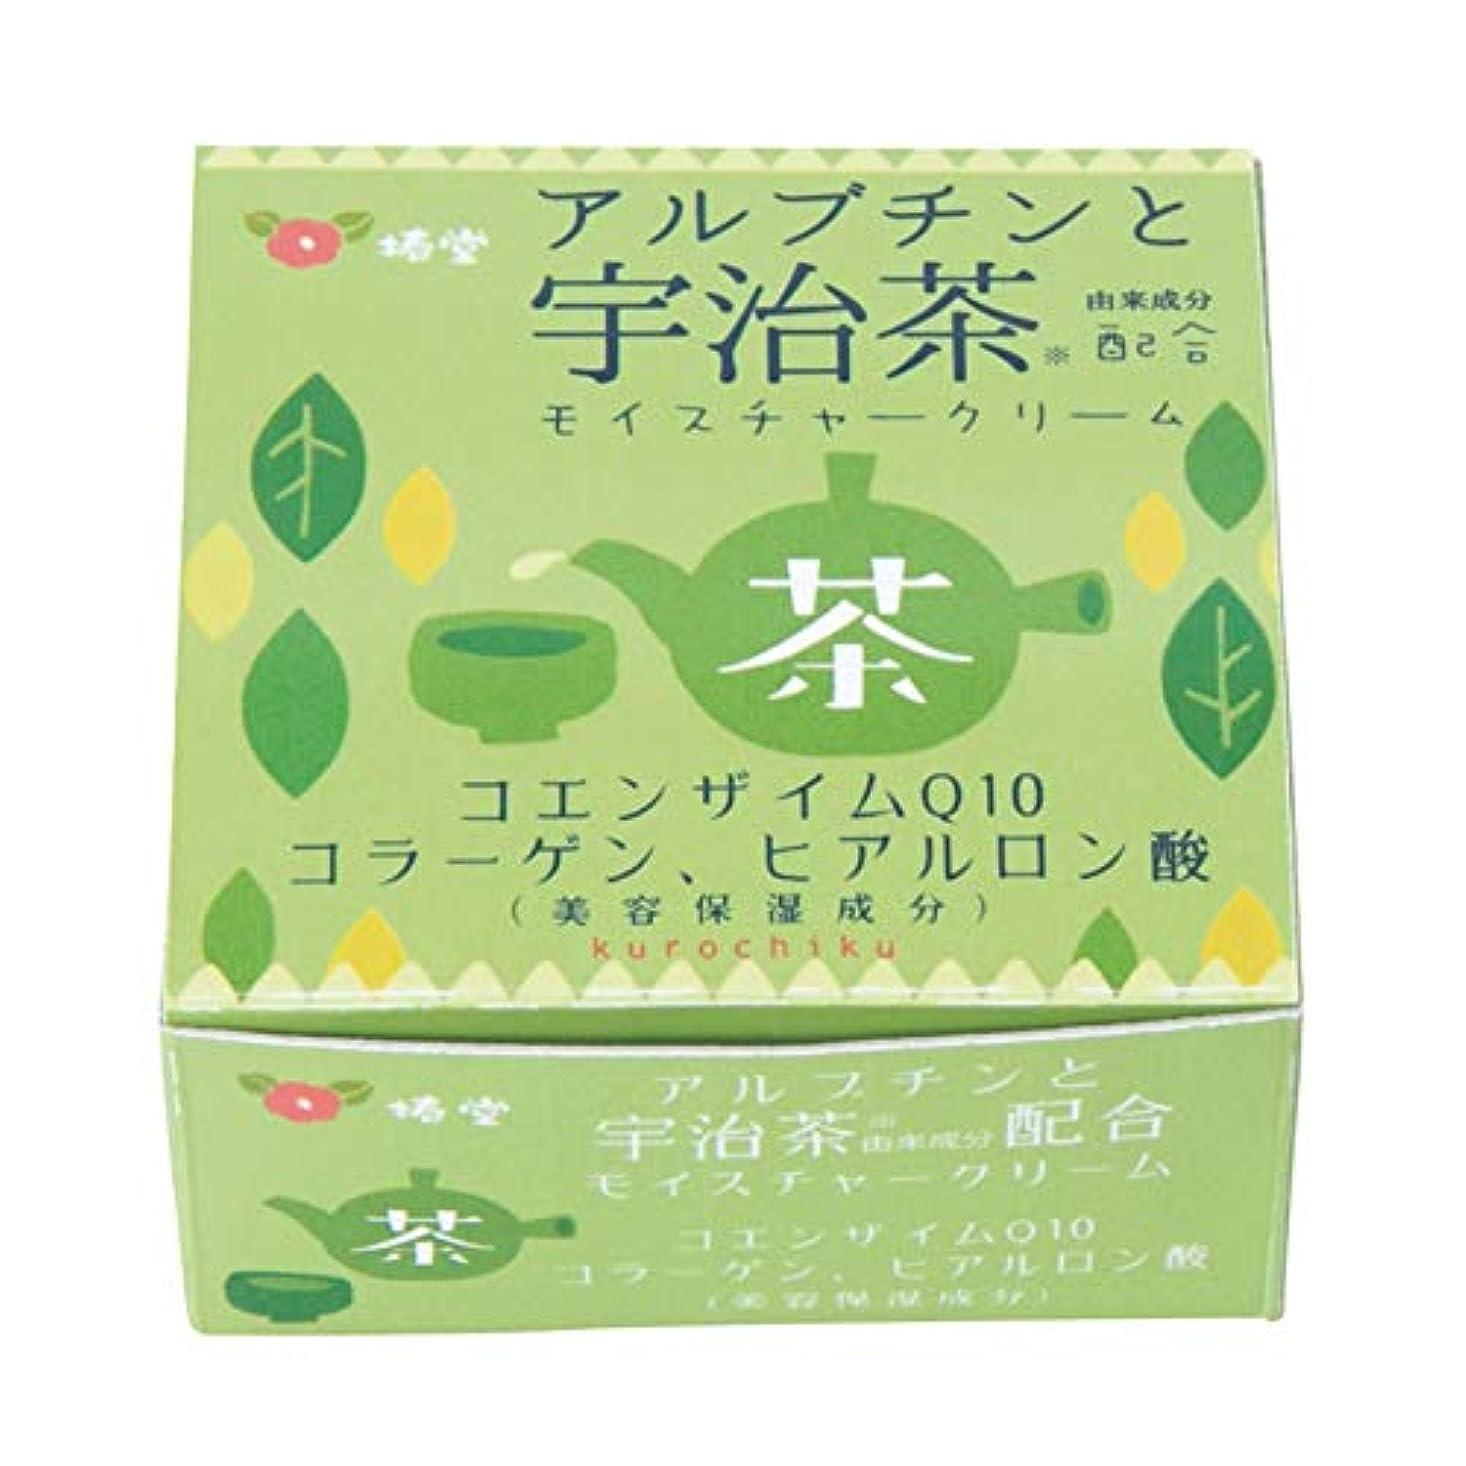 何故なのシャーク誘発する椿堂 宇治茶モイスチャークリーム (アルブチンと宇治茶) 京都くろちく